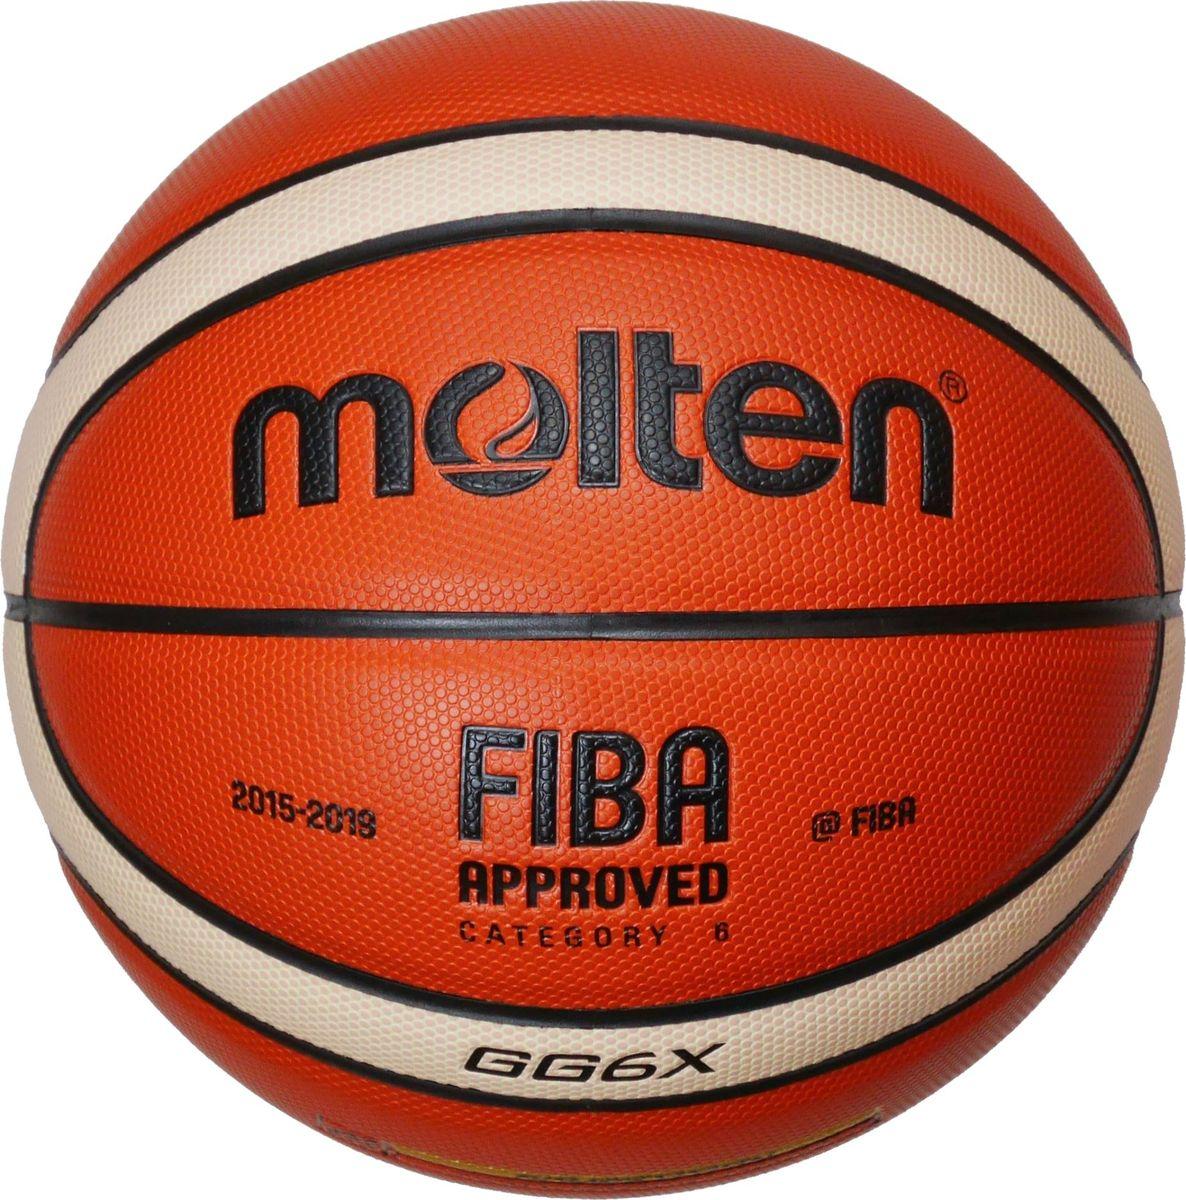 Мяч баскетбольный Molten. Размер 6. BGG6XУТ-00009326Официальный мяч FIBA. Предназначен для игры в зале. Революционный материал поверхности: натуральная кожа премиум класса. Отличная стабильность: специальная конструкция и вспененная система, а также параллельные пупырышки обеспечивают ощущение однородности и стабильность в игровых ситуациях. Сертификат FIBA: одобрен FIBA для проведения соревнований высшего уровня.